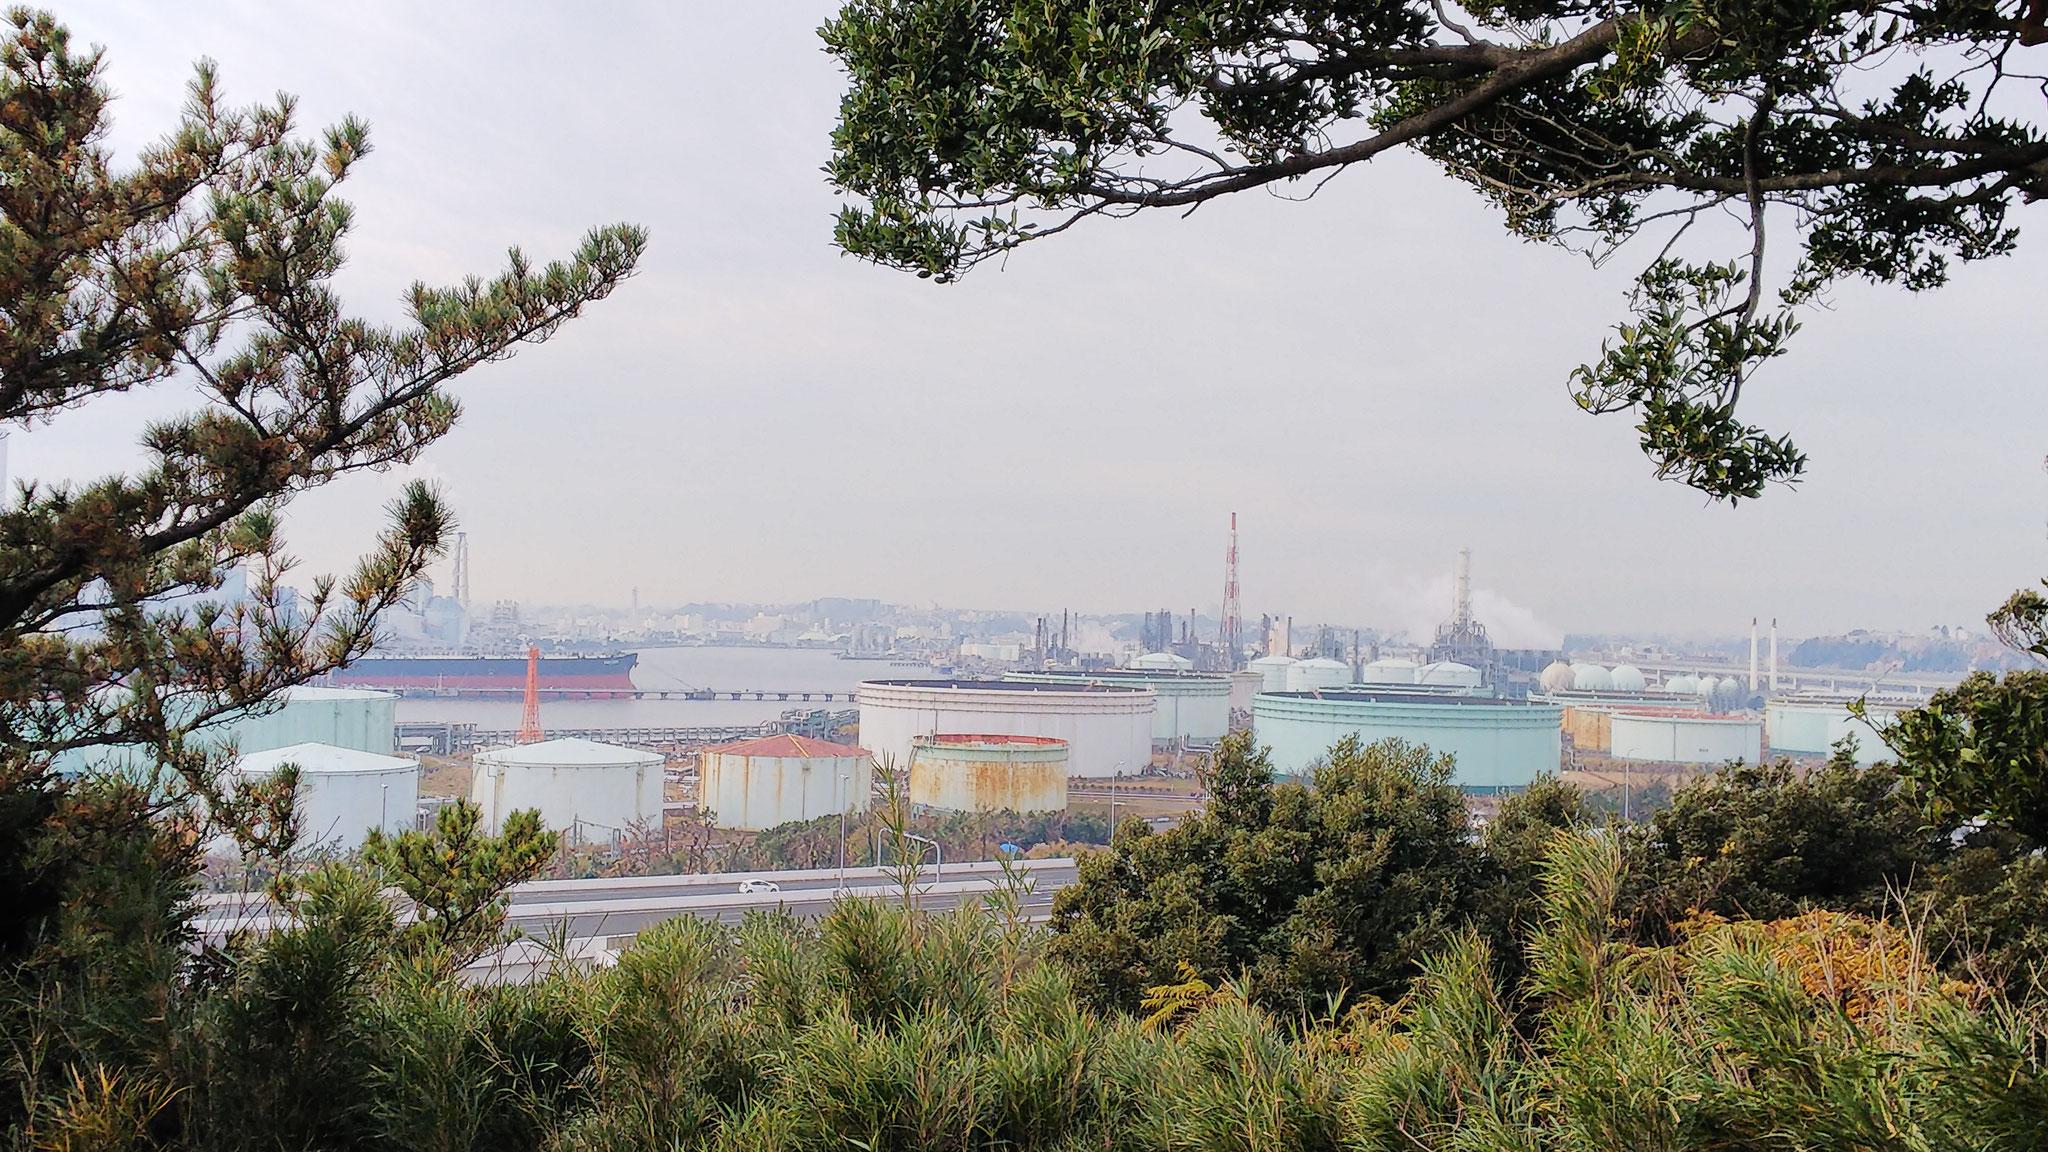 外苑松風閣展望台から眼下の製油所とタンカーの向こうに富士山が見えるはず